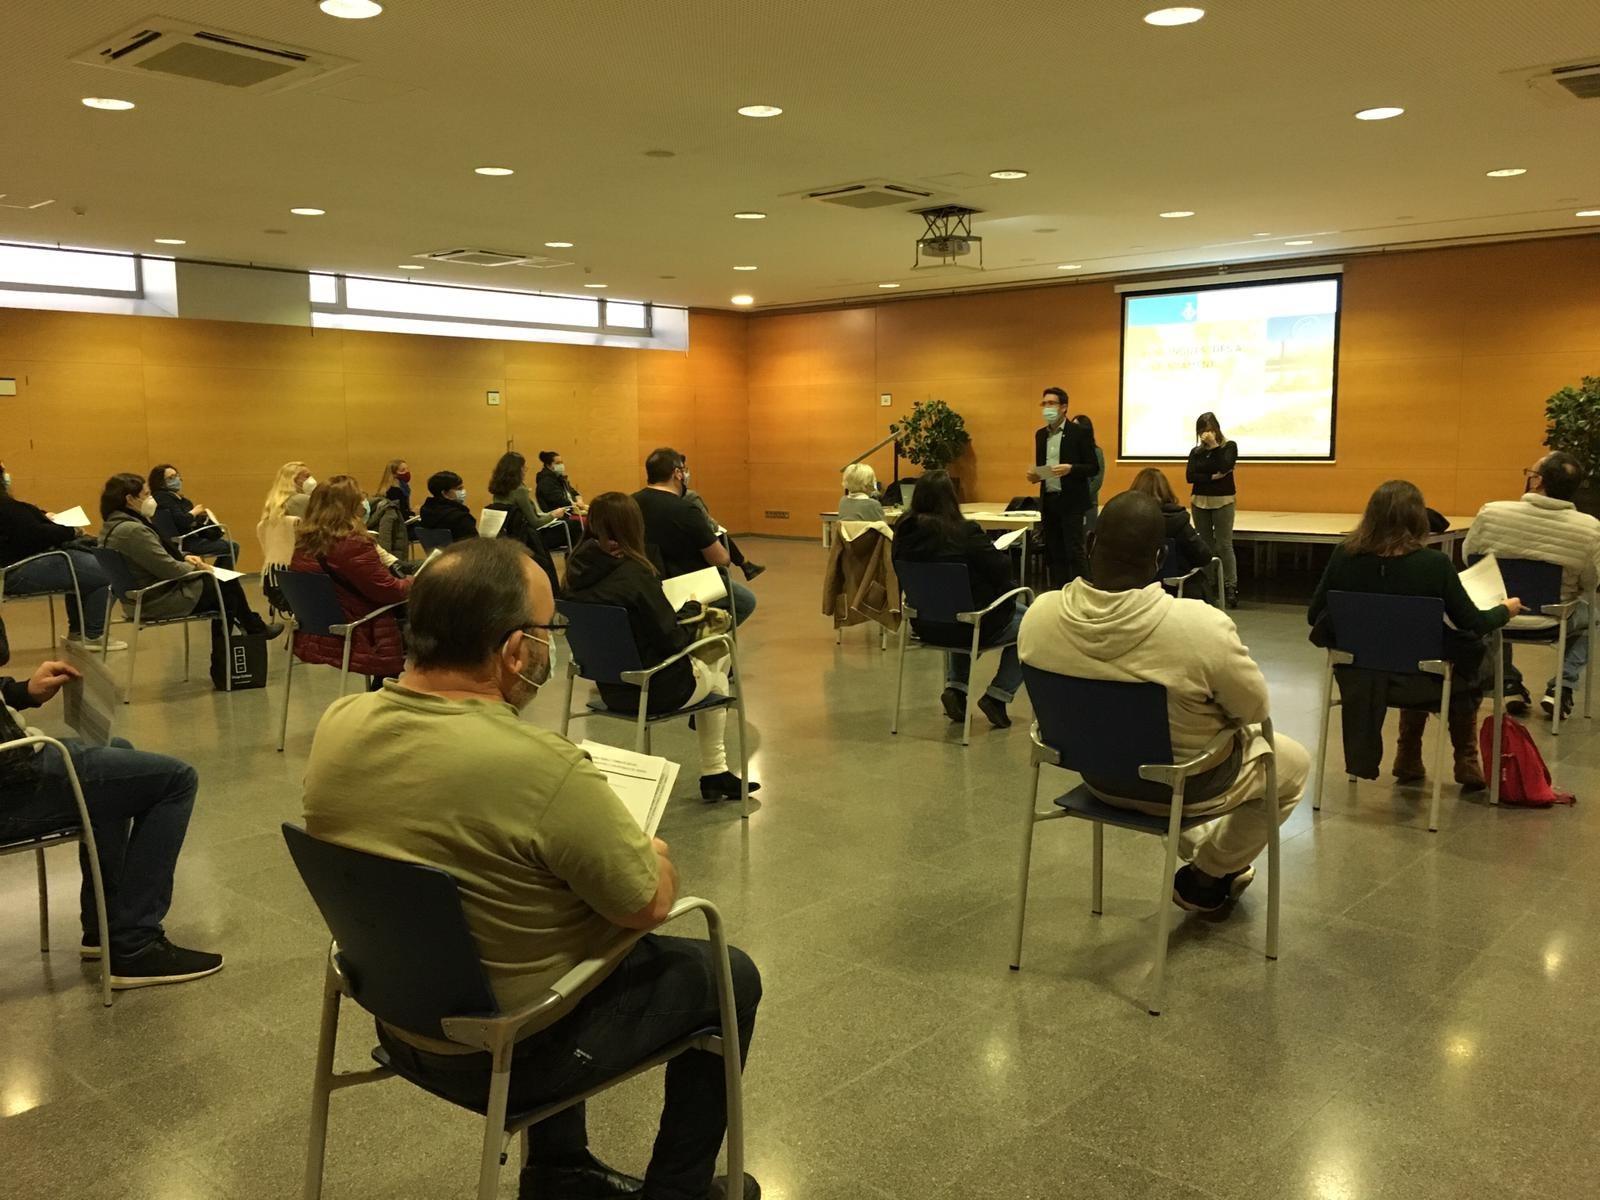 El regidor d'Ocupació i Empresa, Sergi Morales, dona la benvinguda a les 25 persones en situació d'atur contractades per l'Ajuntament. Foto Ajuntament